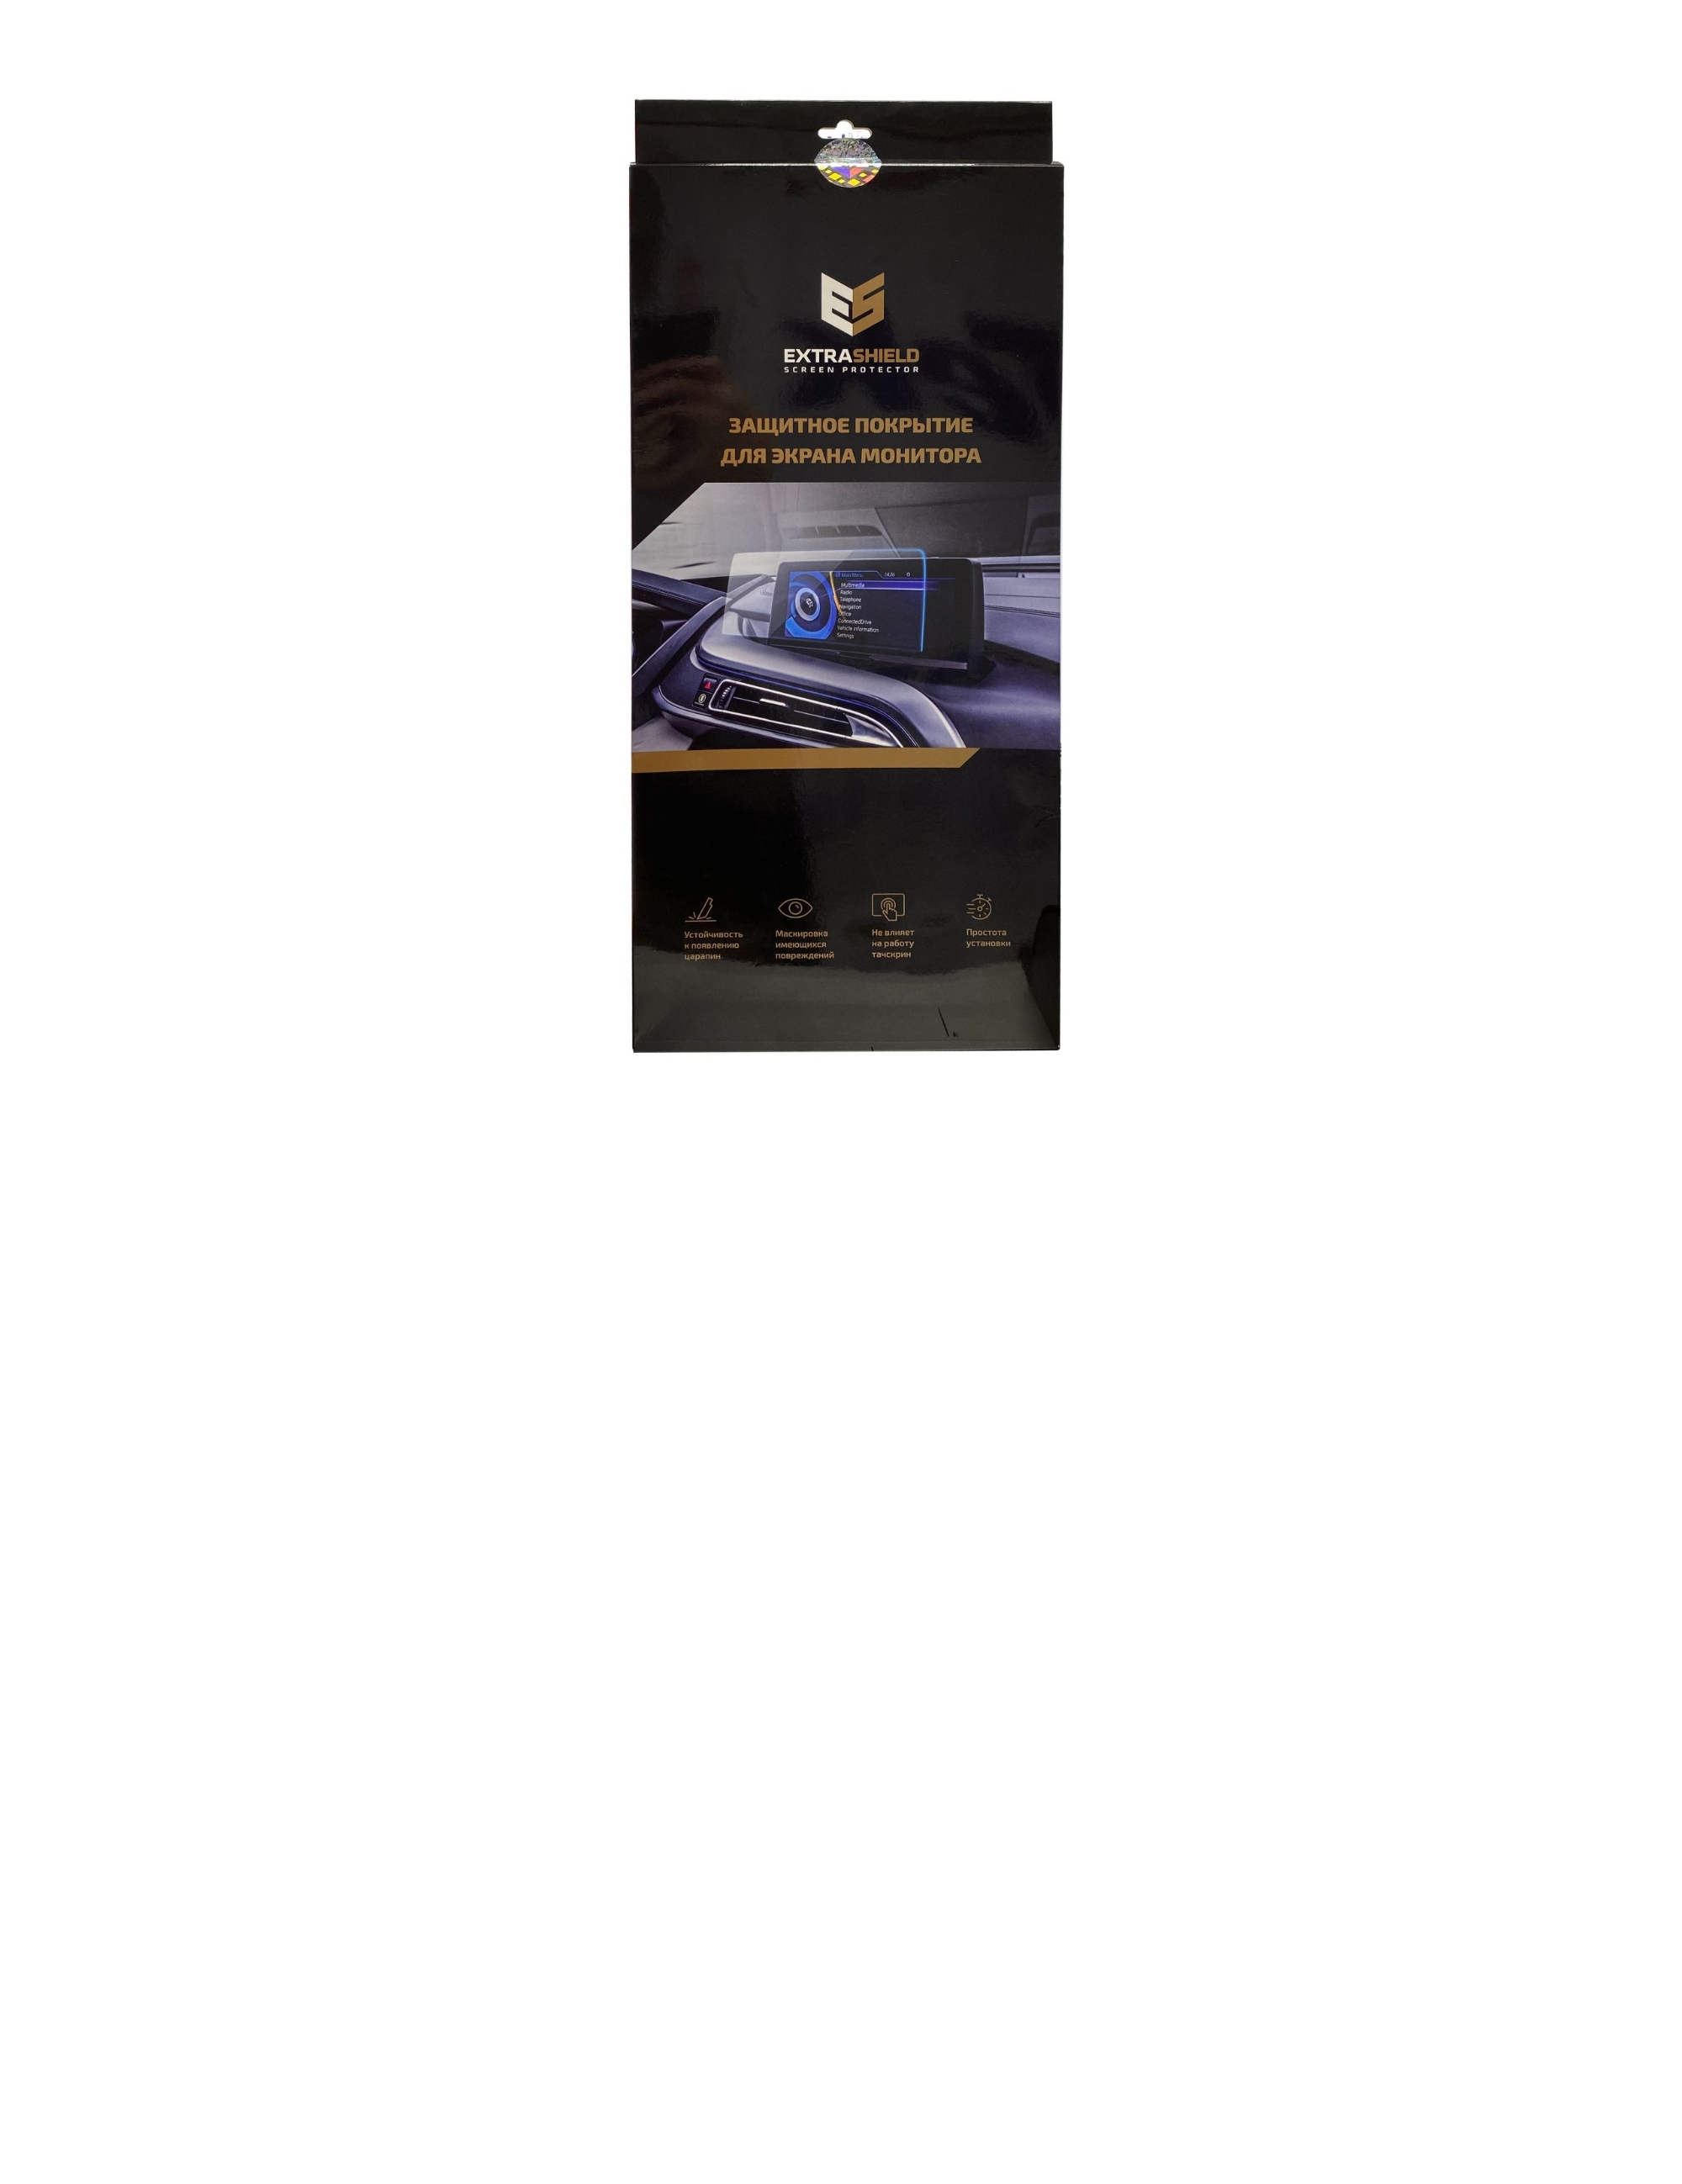 Audi A8 (D5) 2017 - н.в. мультимедиа+климат контроль 10.2-8.6 Защитное стекло Матовая